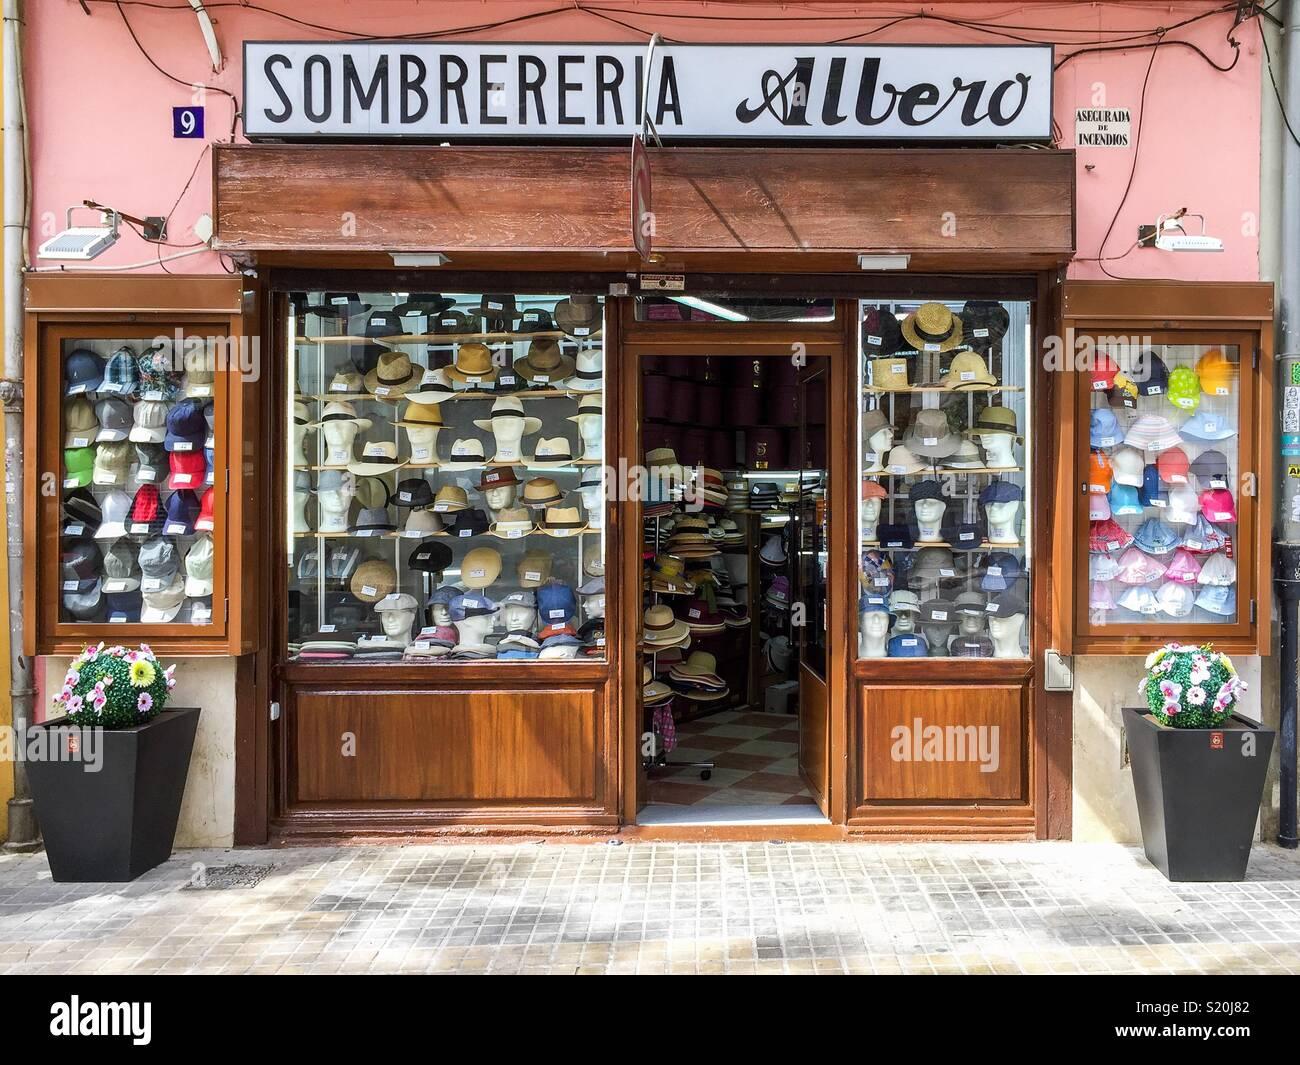 Sombrerería Albero ( millinery), in Valencia, Spain - Stock Image